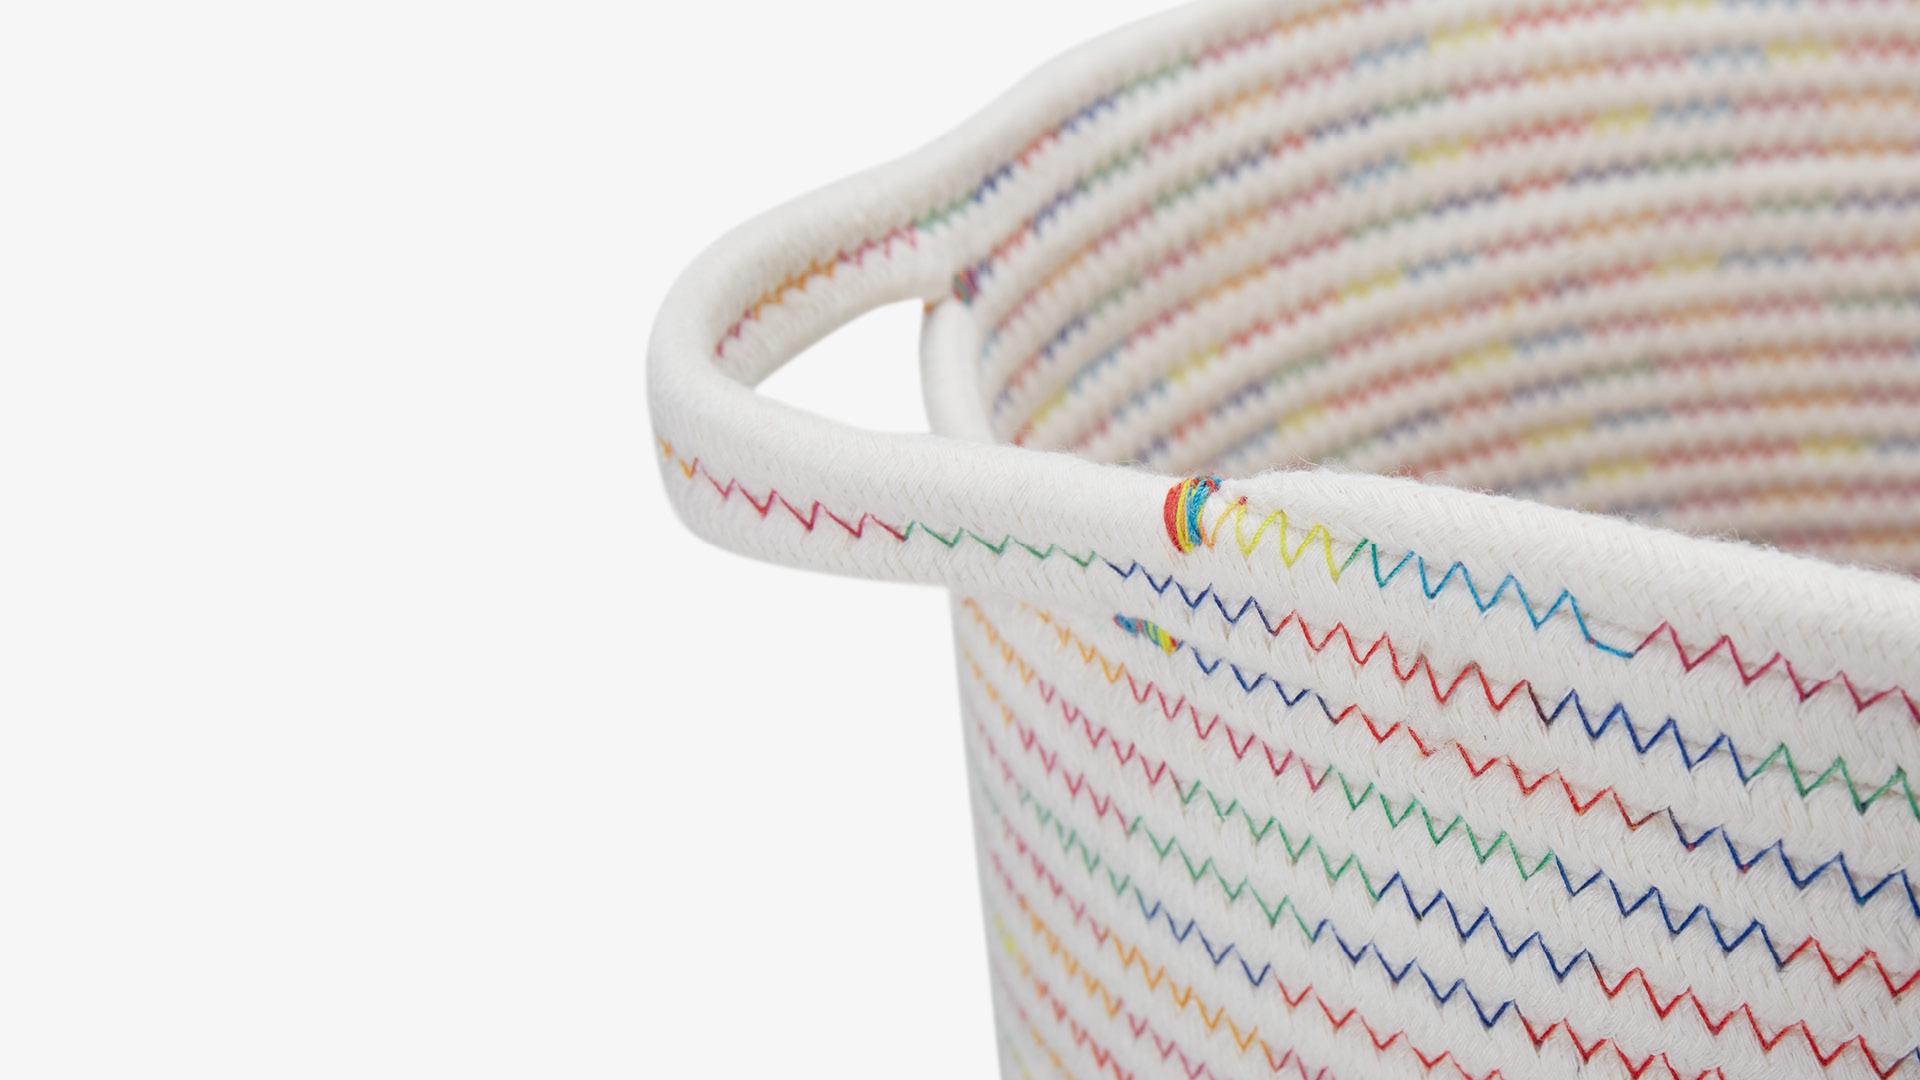 八股包芯棉绳<br/>内外双面之字形走线